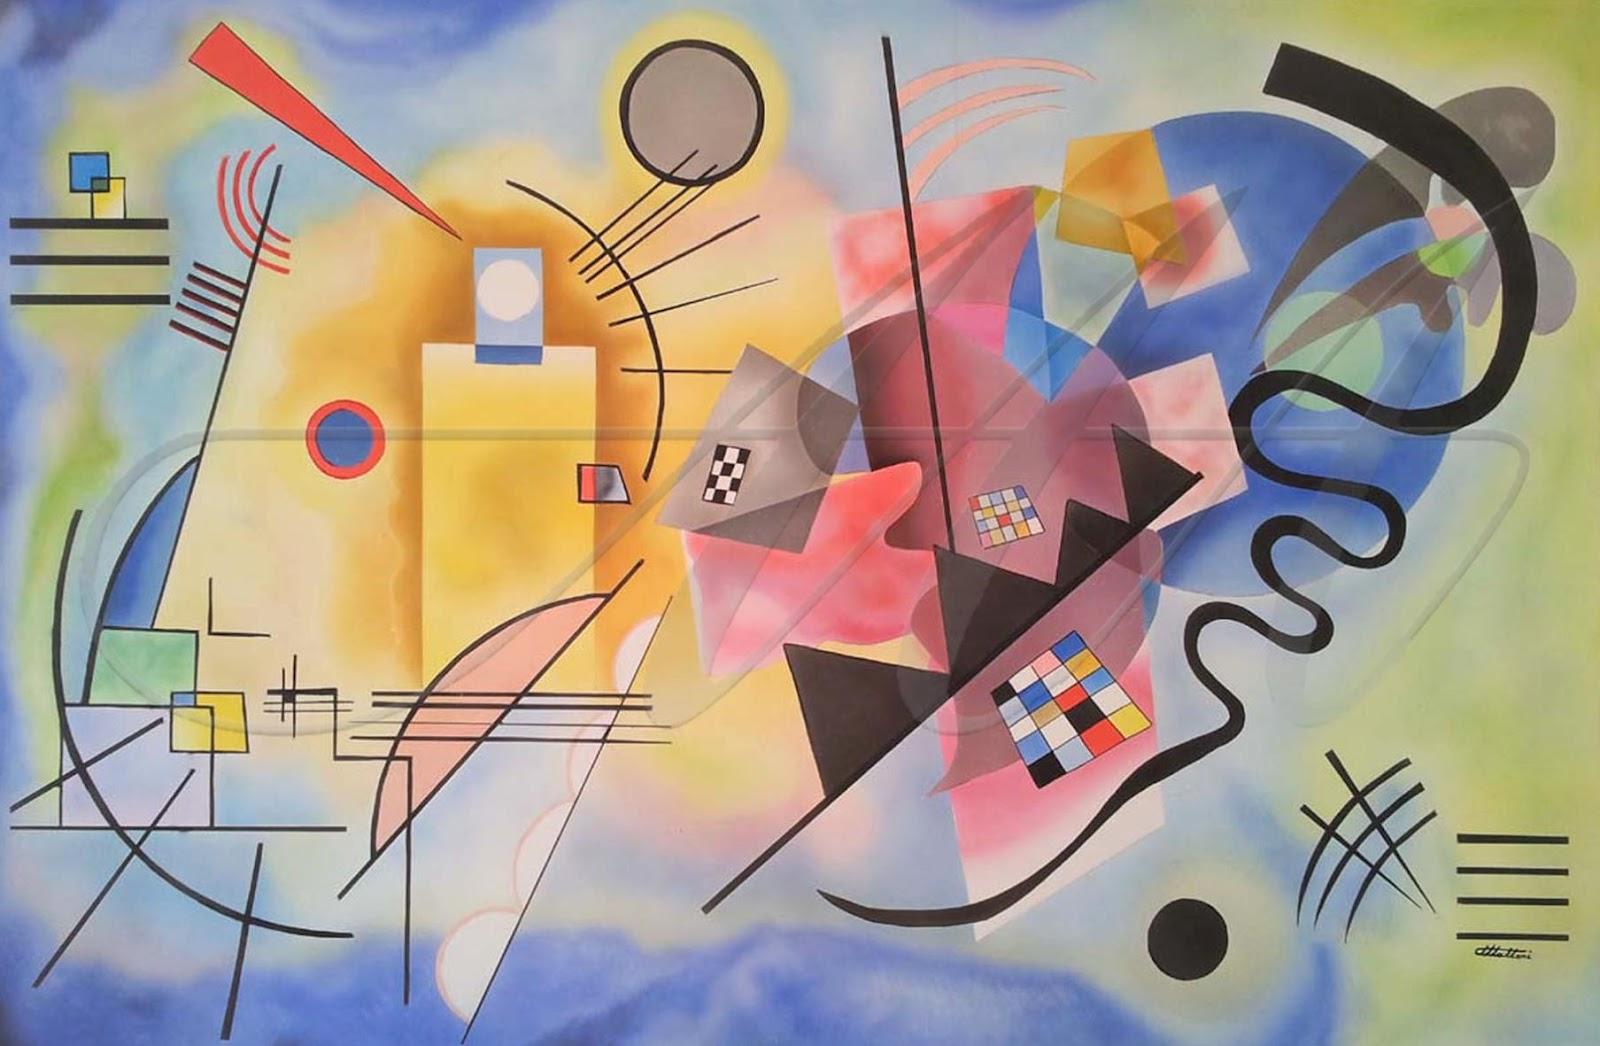 kandinsky paintings names - HD1600×1046